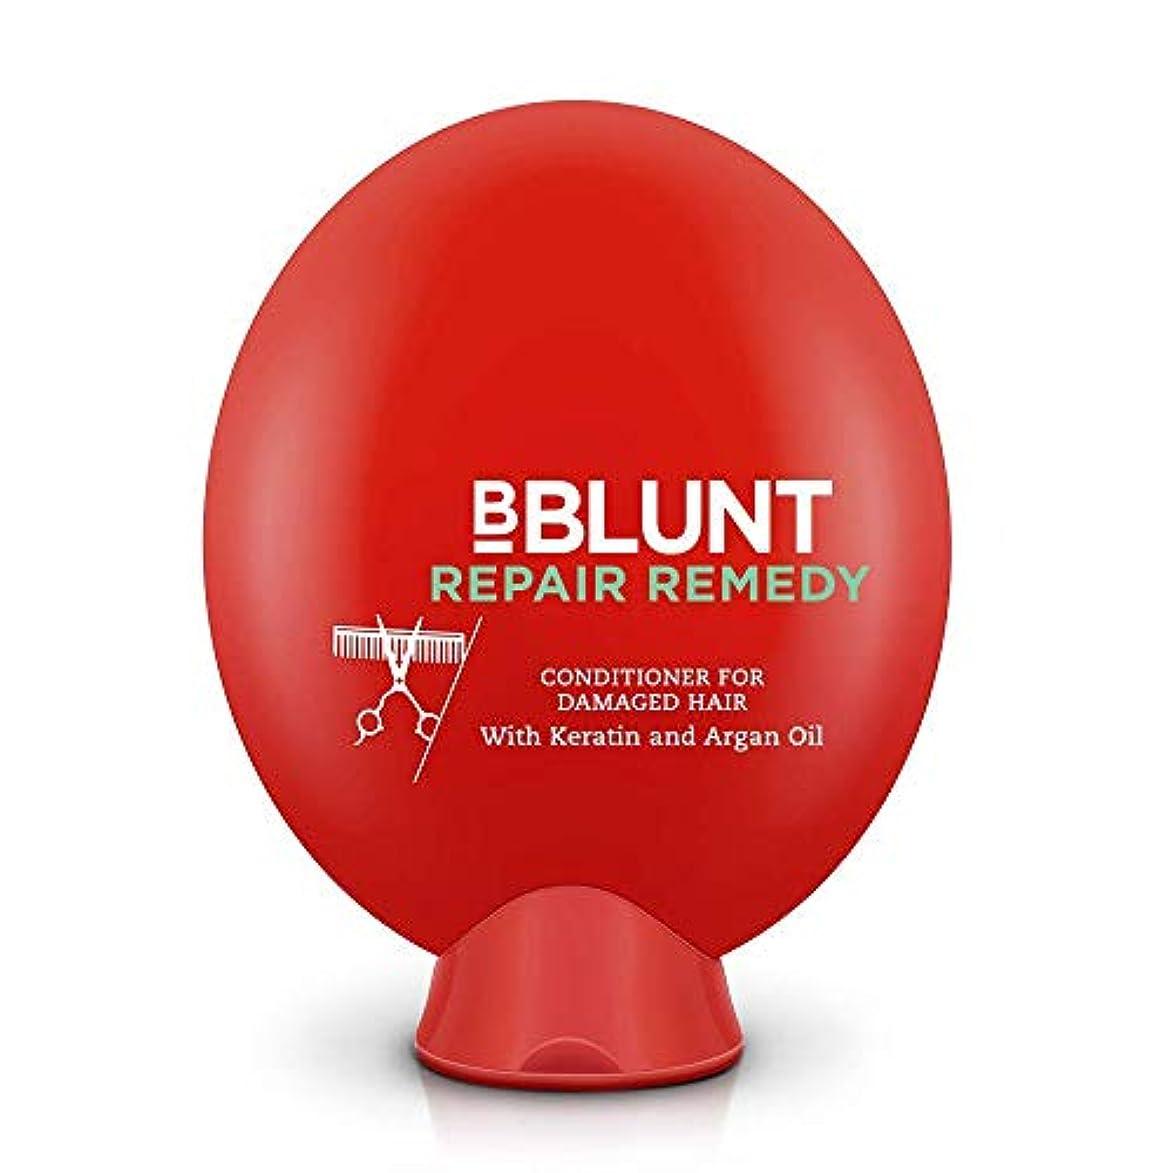 属する強大な原子炉BBLUNT Repair Remedy Conditioner for Damaged Hair, 200g (Keratin and Argan Oil)